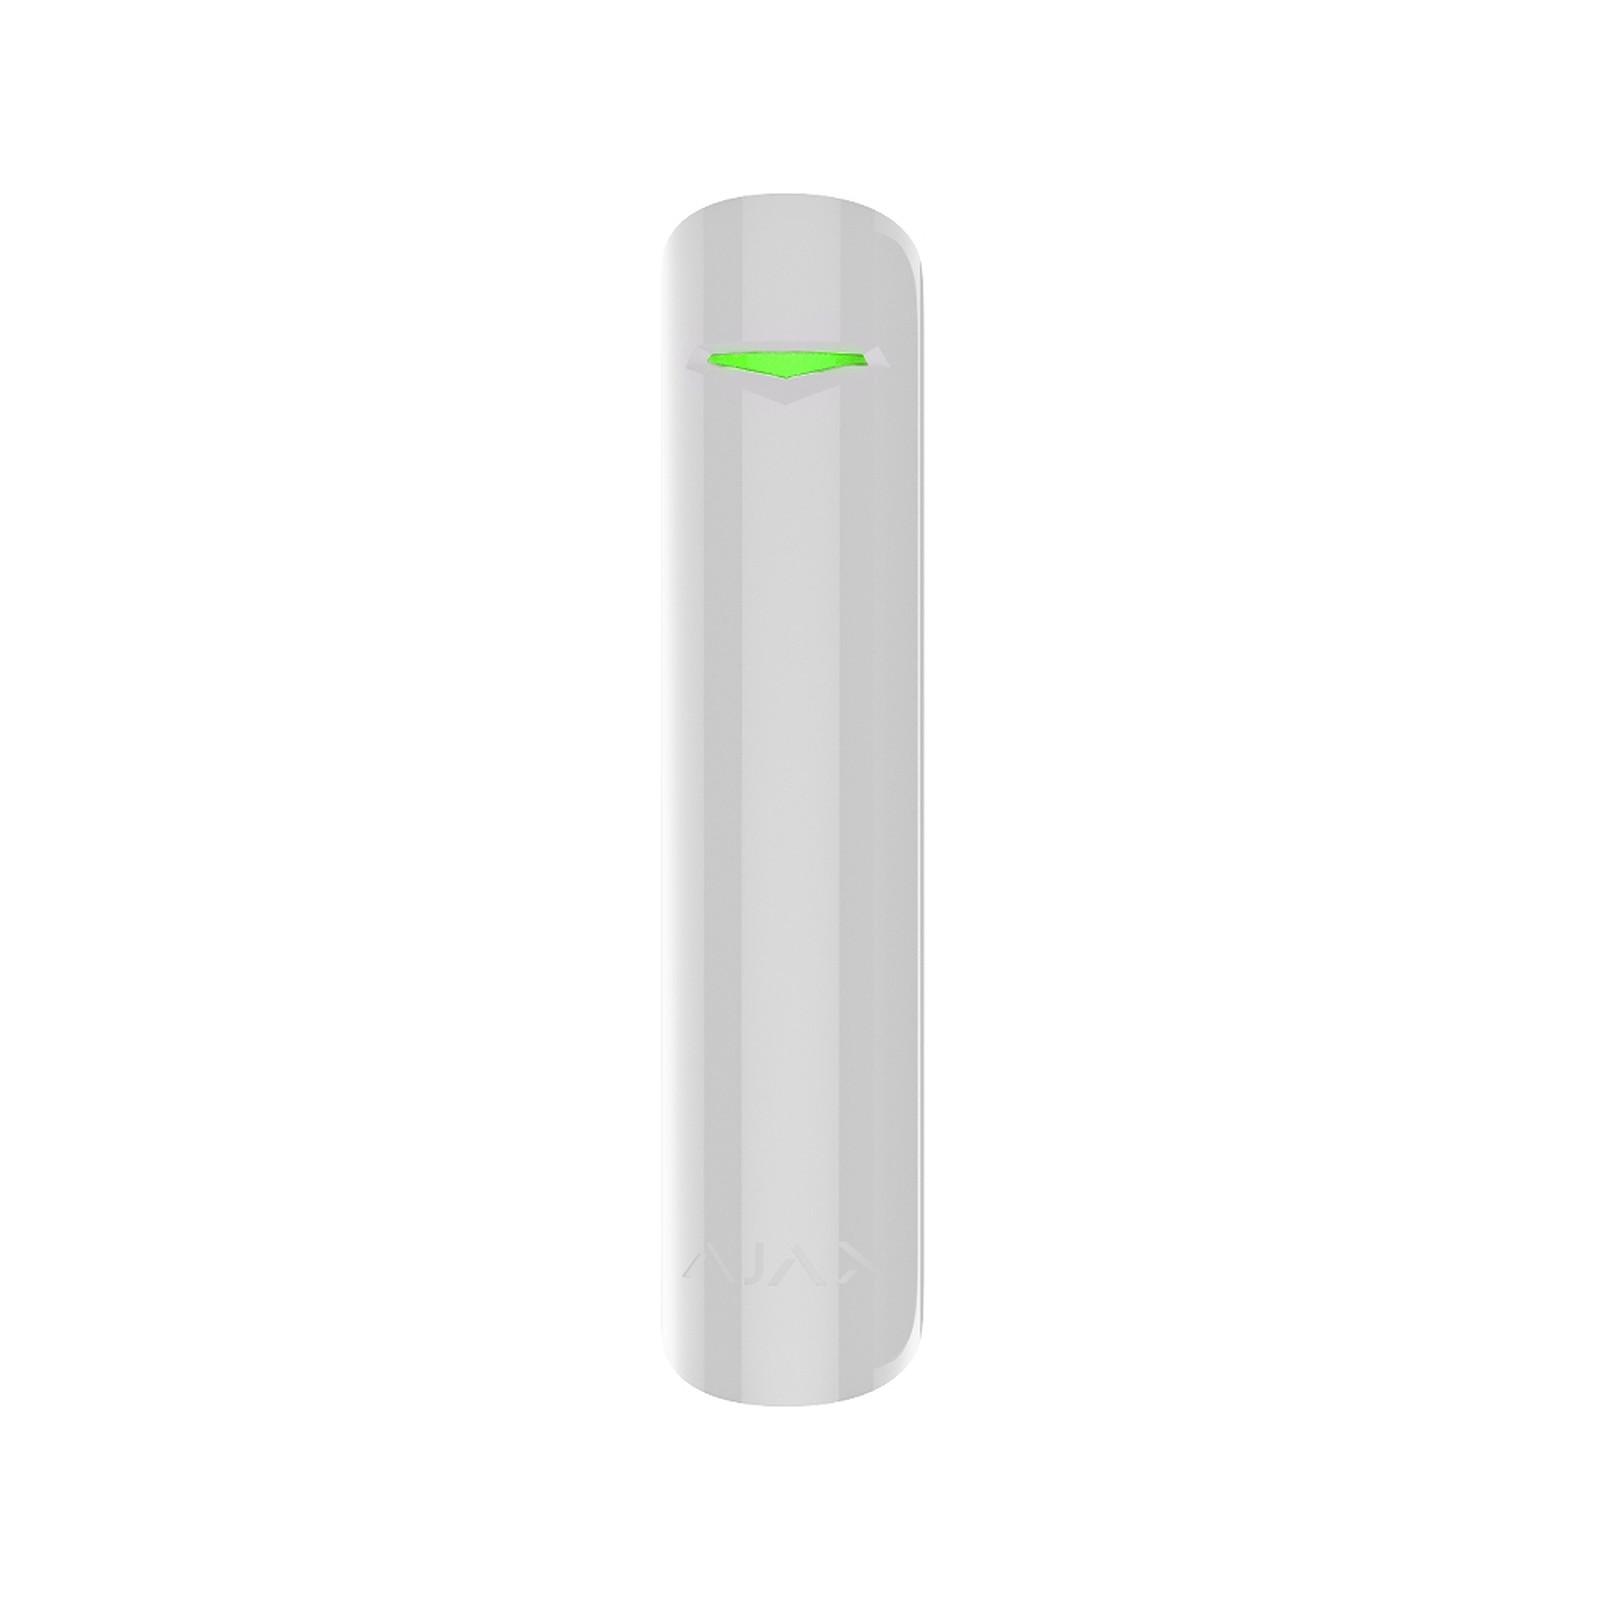 Détecteur de bris de vitre sans fil GlassProtect - Blanc - Ajax